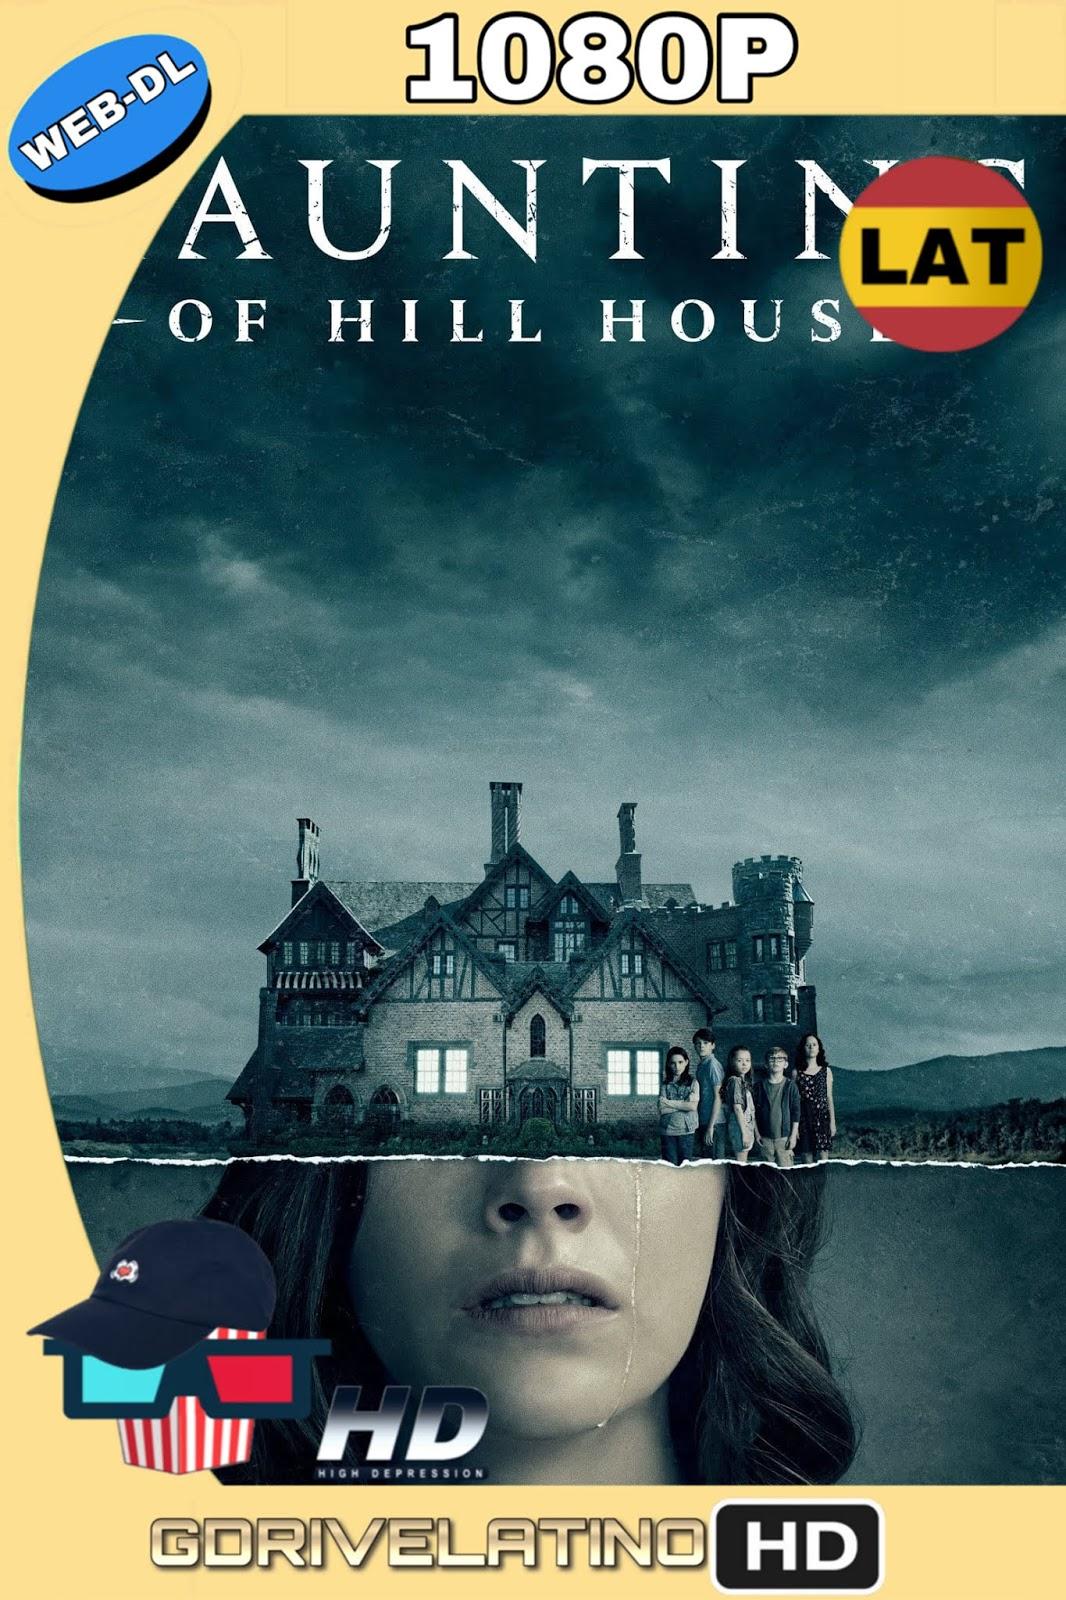 La maldición de Hill House (2018) Temporada 1 (10/10) WEB-DL 1080p (Latino-Inglés) MKV